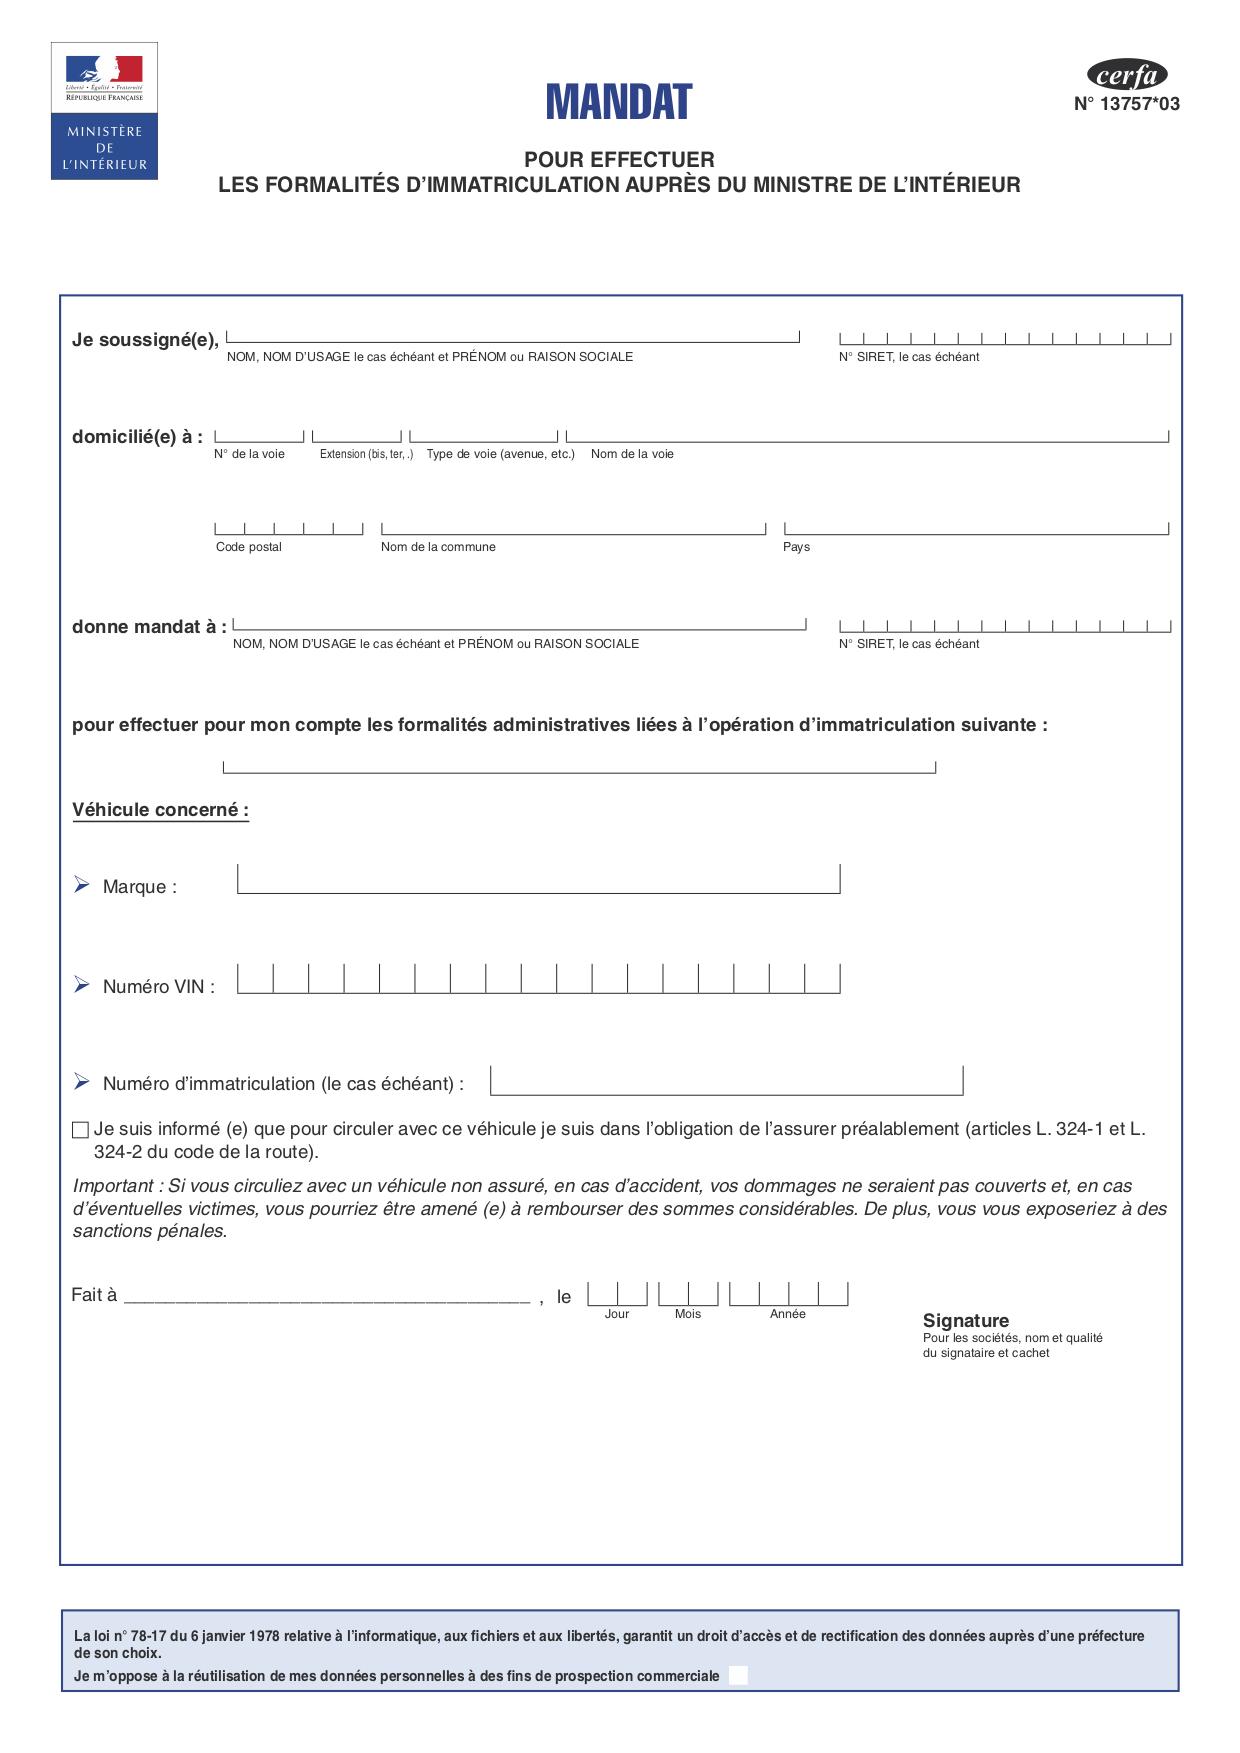 Procuration par Mandat immatriculation (13757*03) : Dans le cas ou vous sollicitez un garagiste, ou un spécialiste de l'immatriculation, ce formulaire autorise un professionnel habilité et agrée, à réaliser la démarche administrative en votre nom.